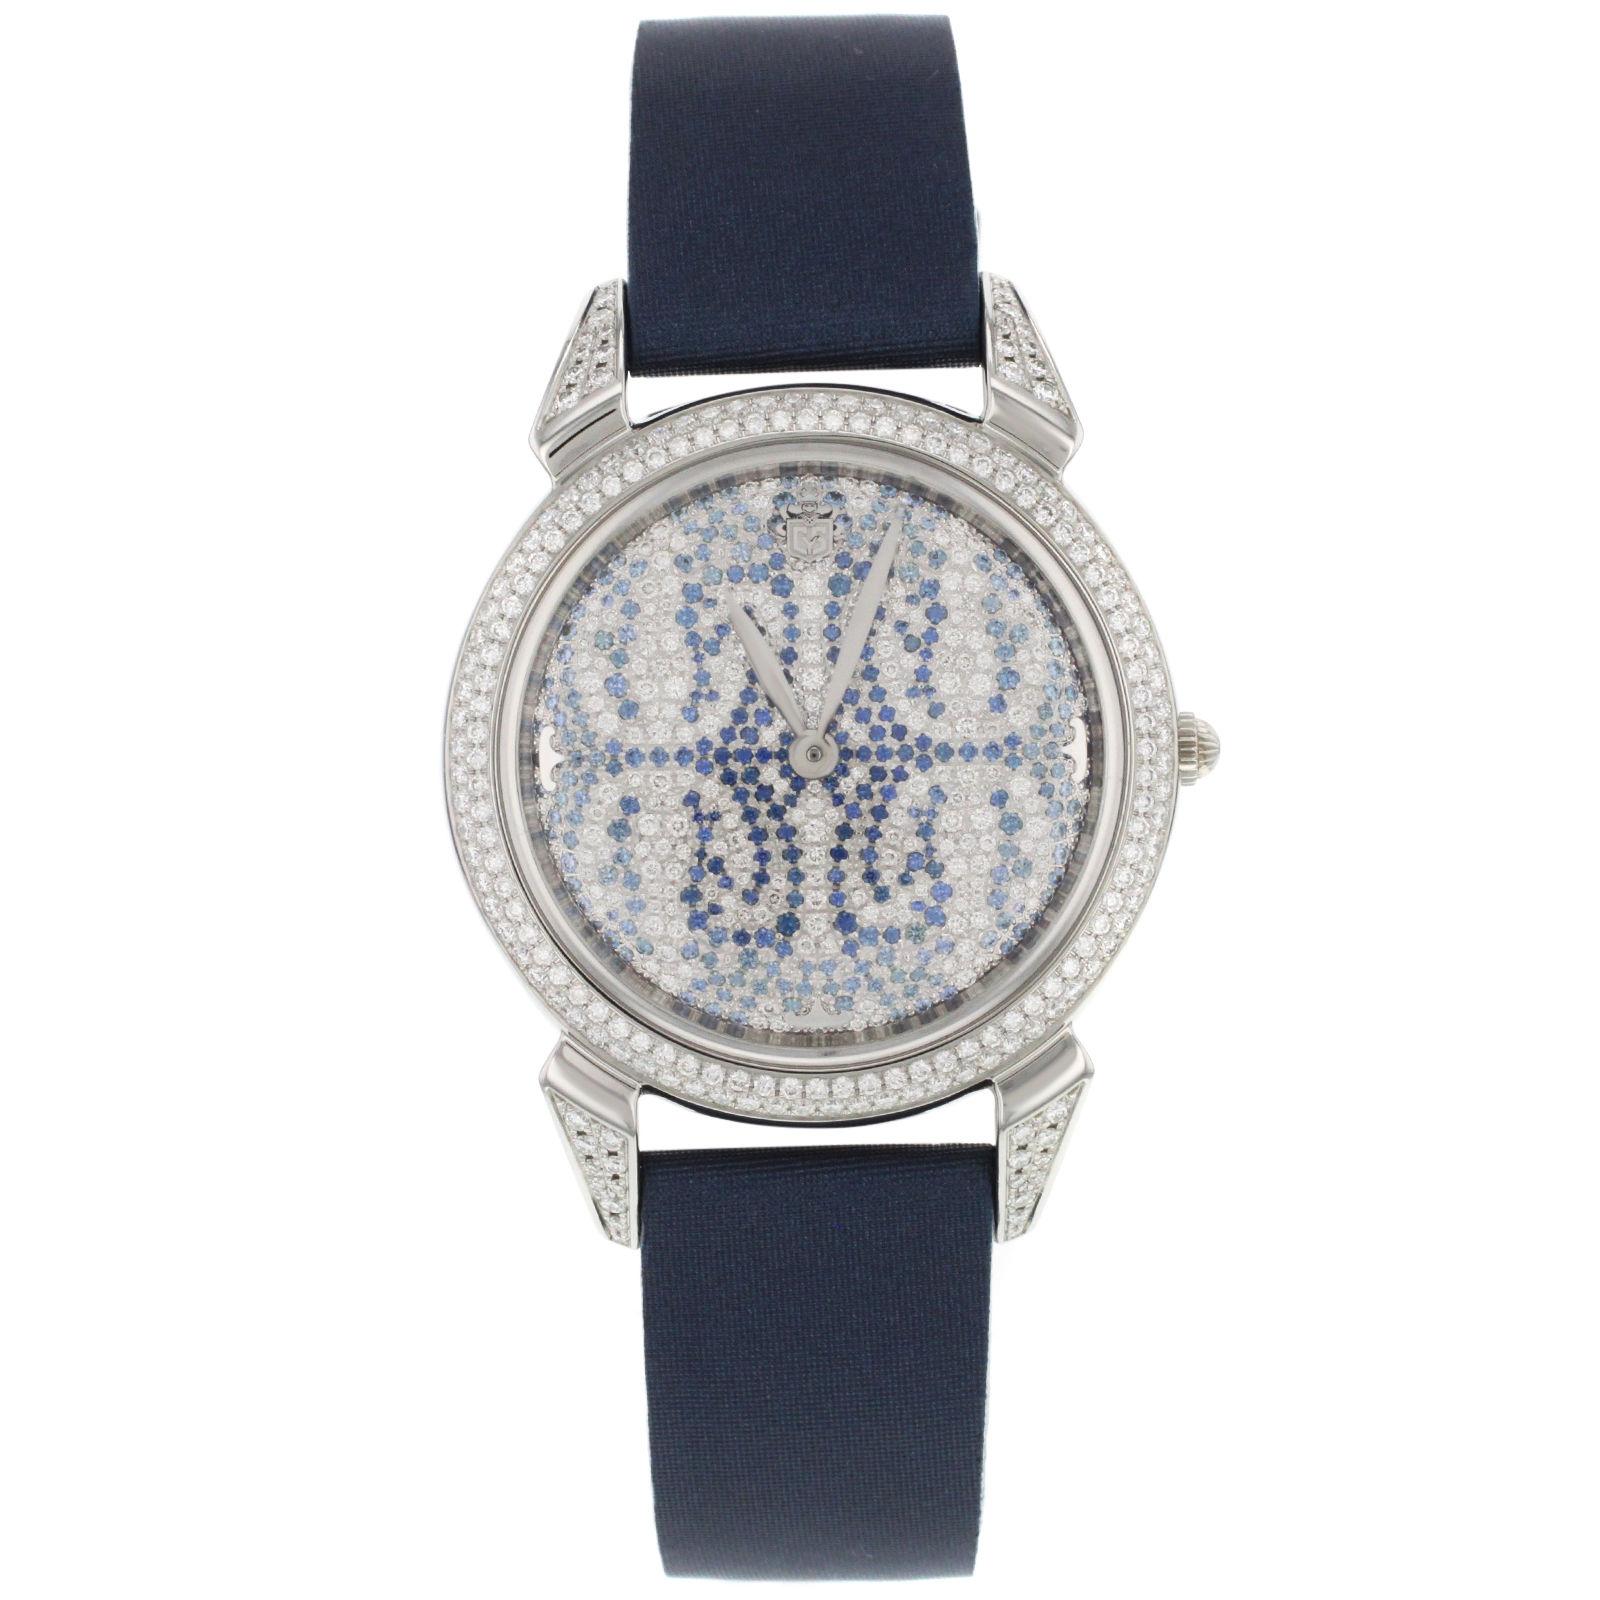 """Image of """"Cuervo Y Sobrinos Historiador 3112.1Sp - SP Diamonds & Sapphires Watch"""""""